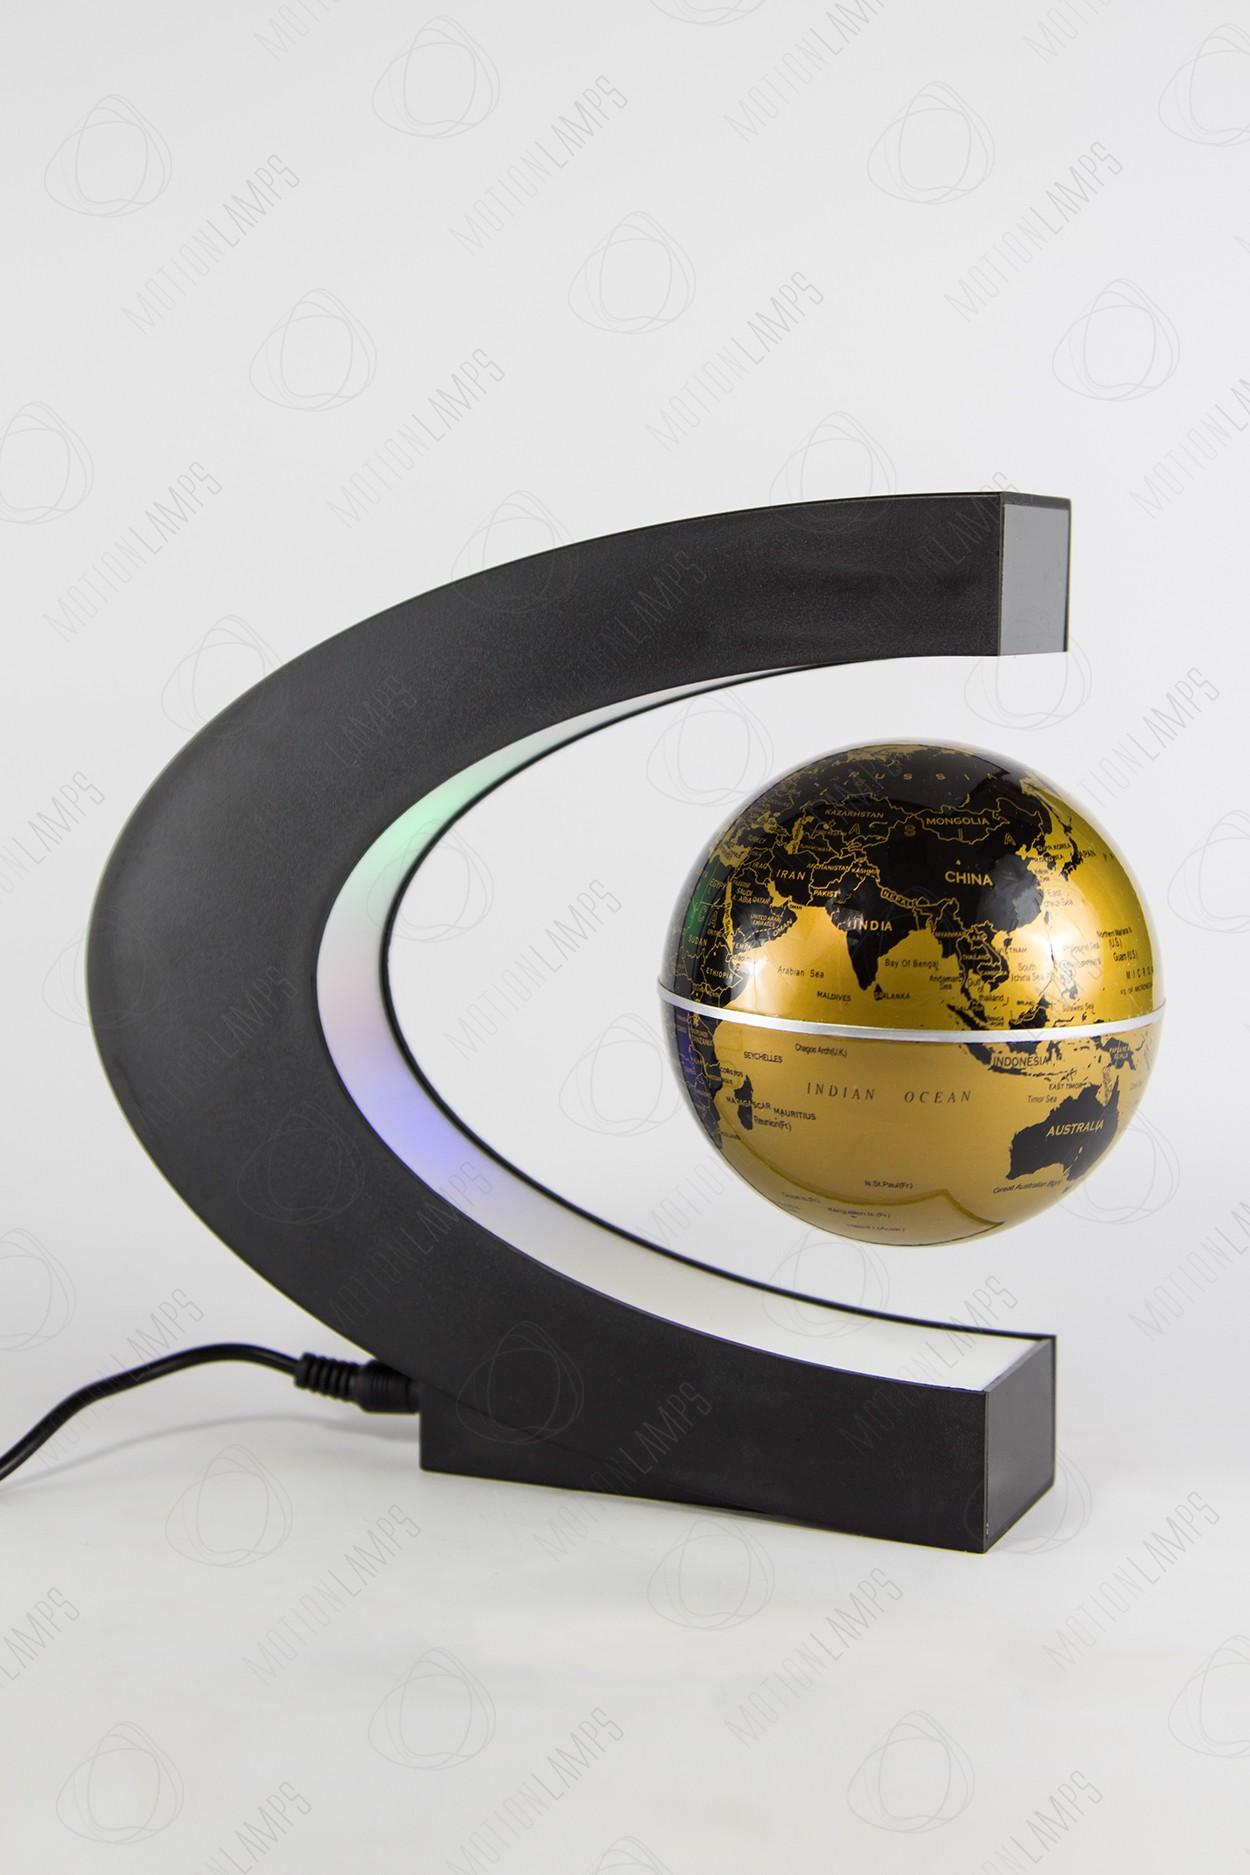 Парящий глобус с RGB-подсветкой (золотой) (D - 9см) в Москве